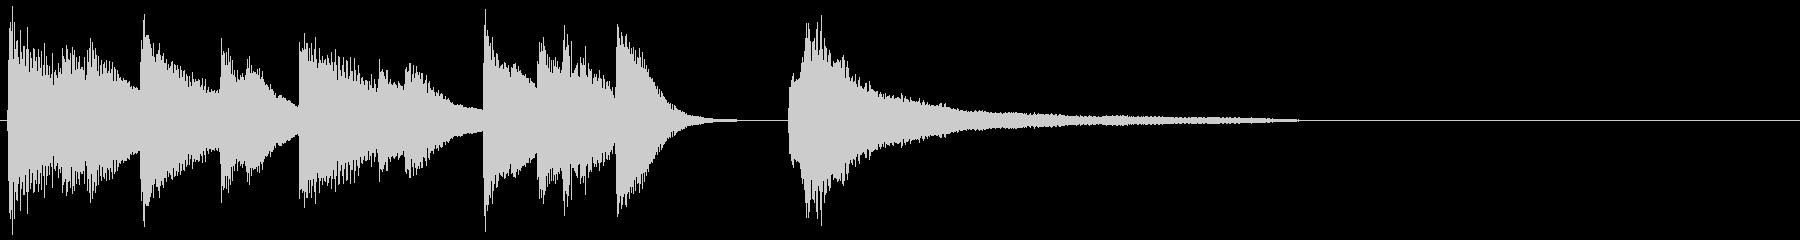 ピアノ ジングル11 ハッピーの未再生の波形